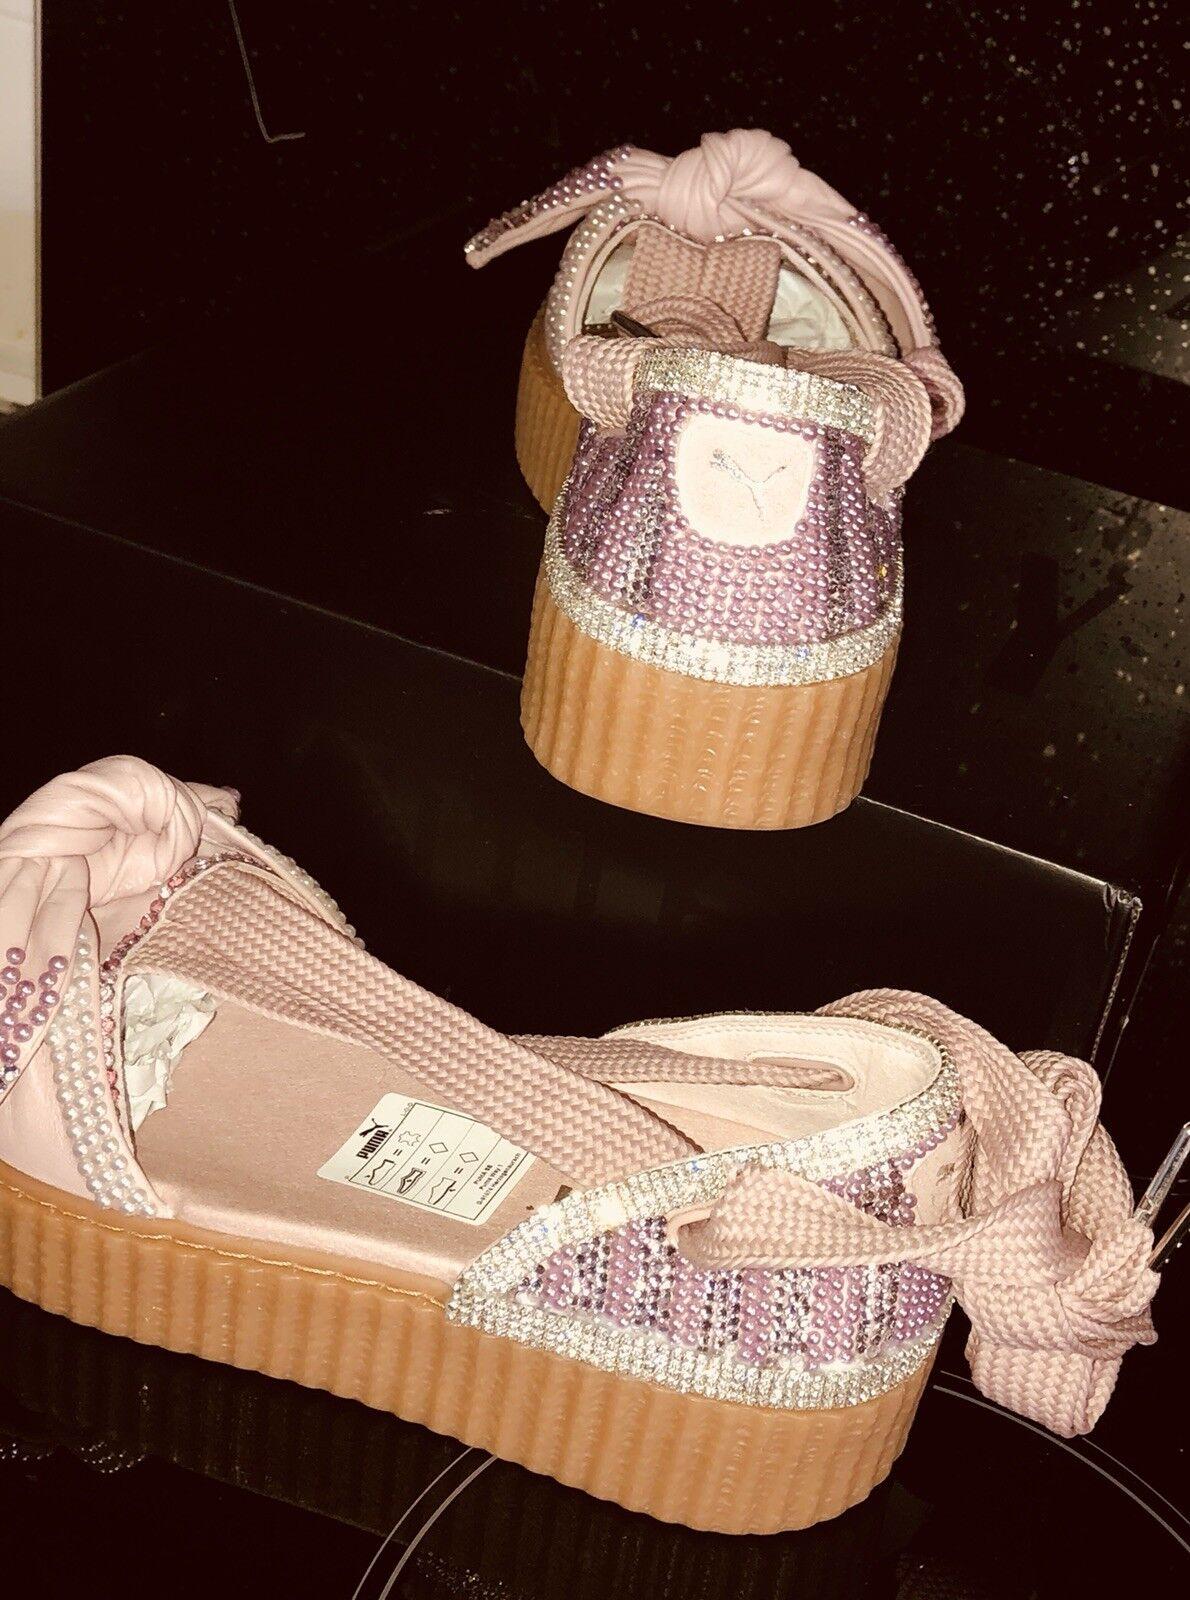 Zapatos casuales salvajes Cristal de reducción final Personalizados Puma X Shoestring Enredadera Ballet Encaje Rihanna 5